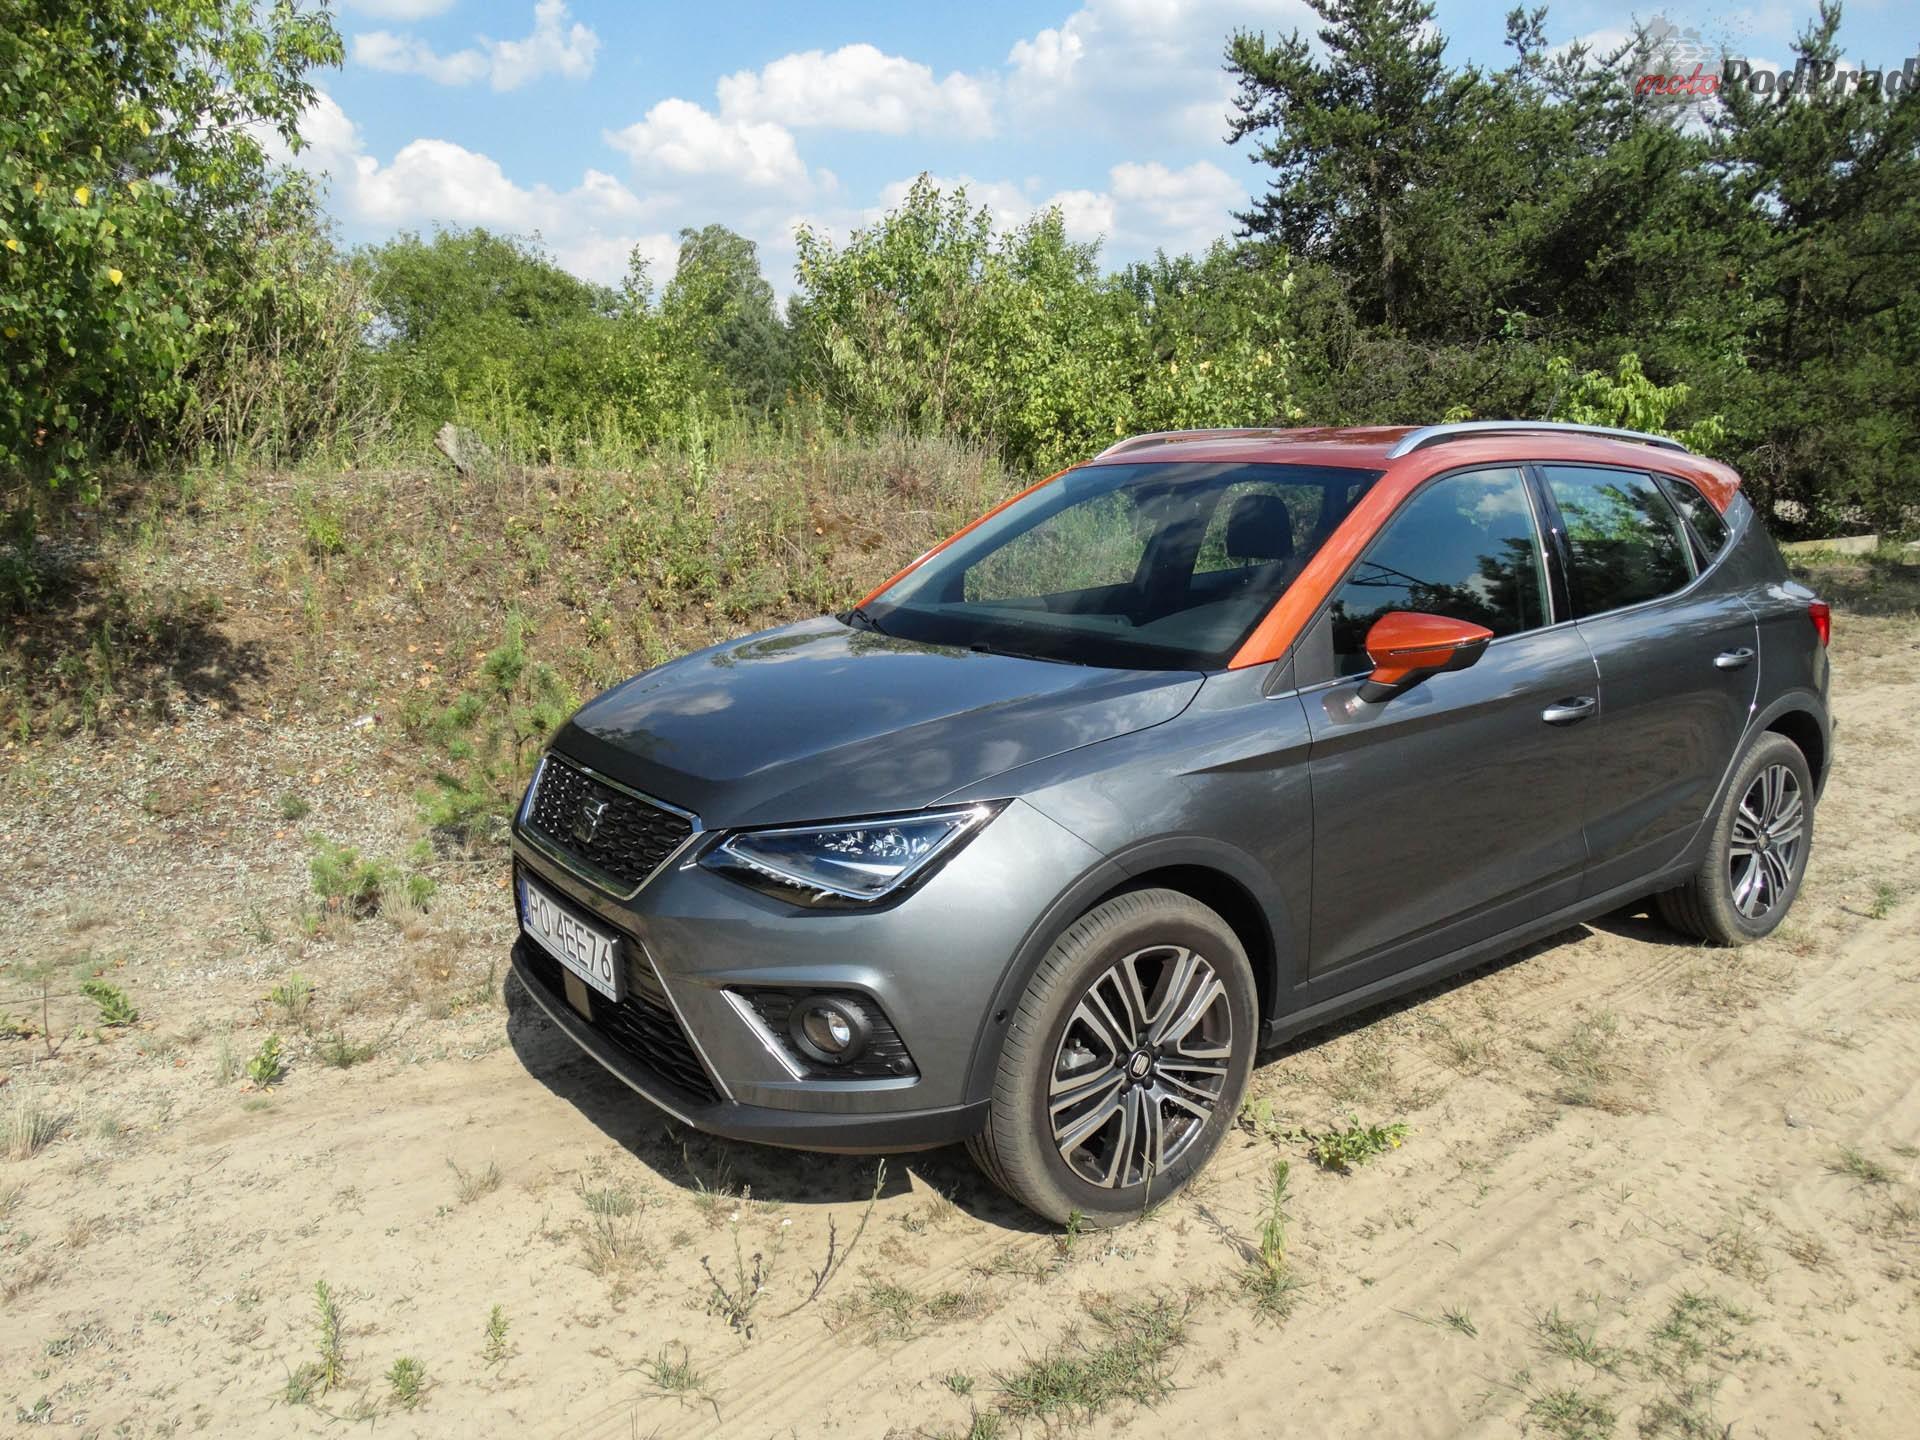 Seat Arona 1 Porównanie: Hyundai Kona 1.0 kontra Seat Arona 1.0